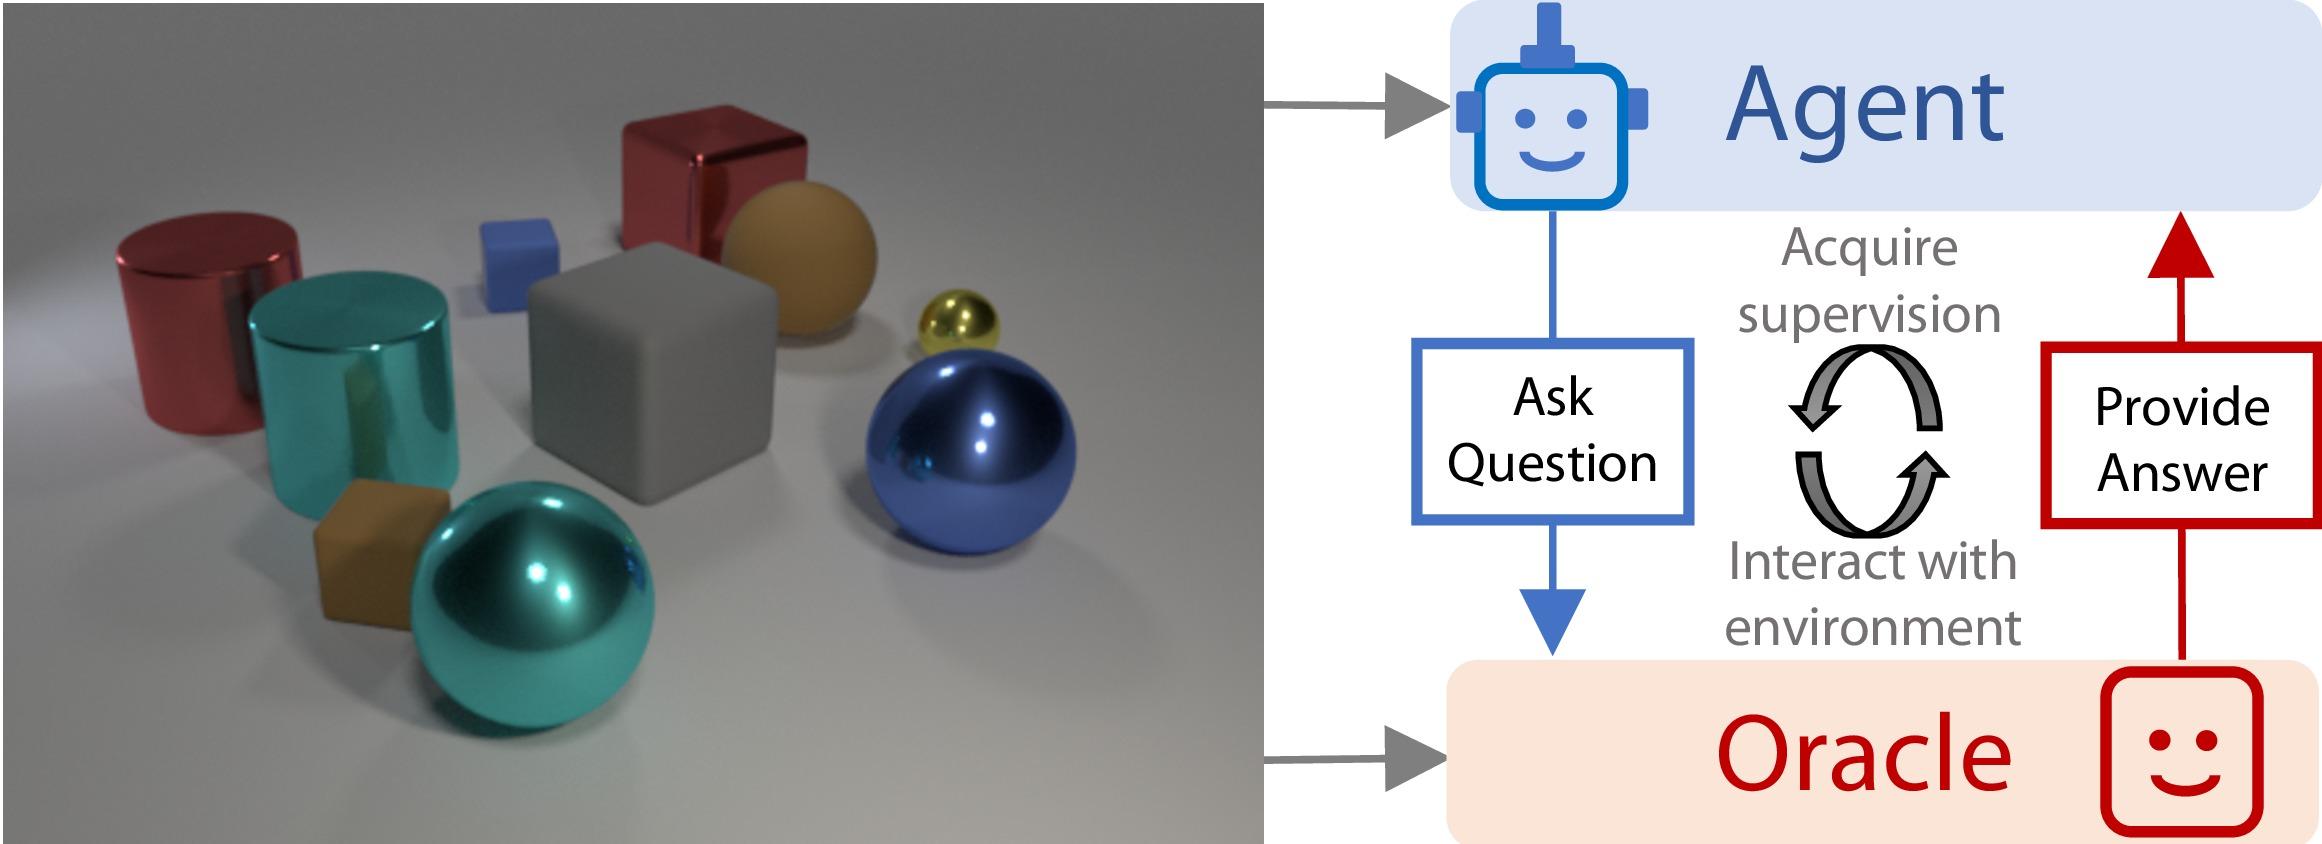 بررسی مقاله: Learning by Asking Questions